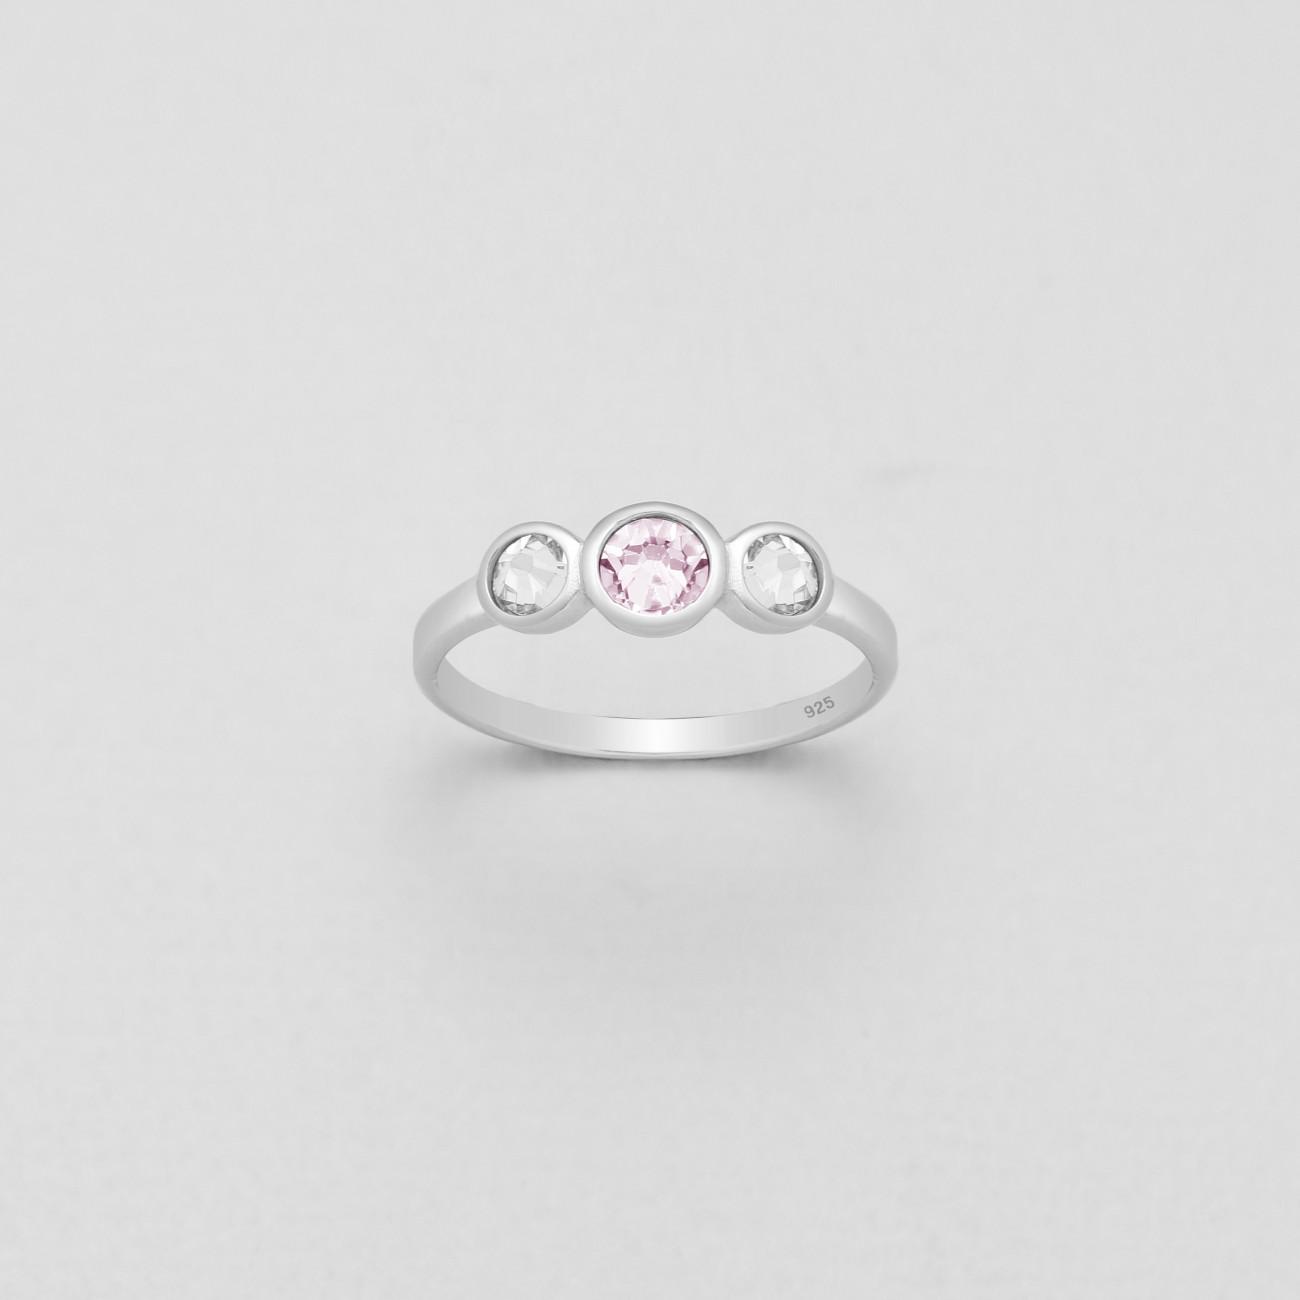 Stříbrný prstýnek se třemi, pravými krystaly Swarovski - rose